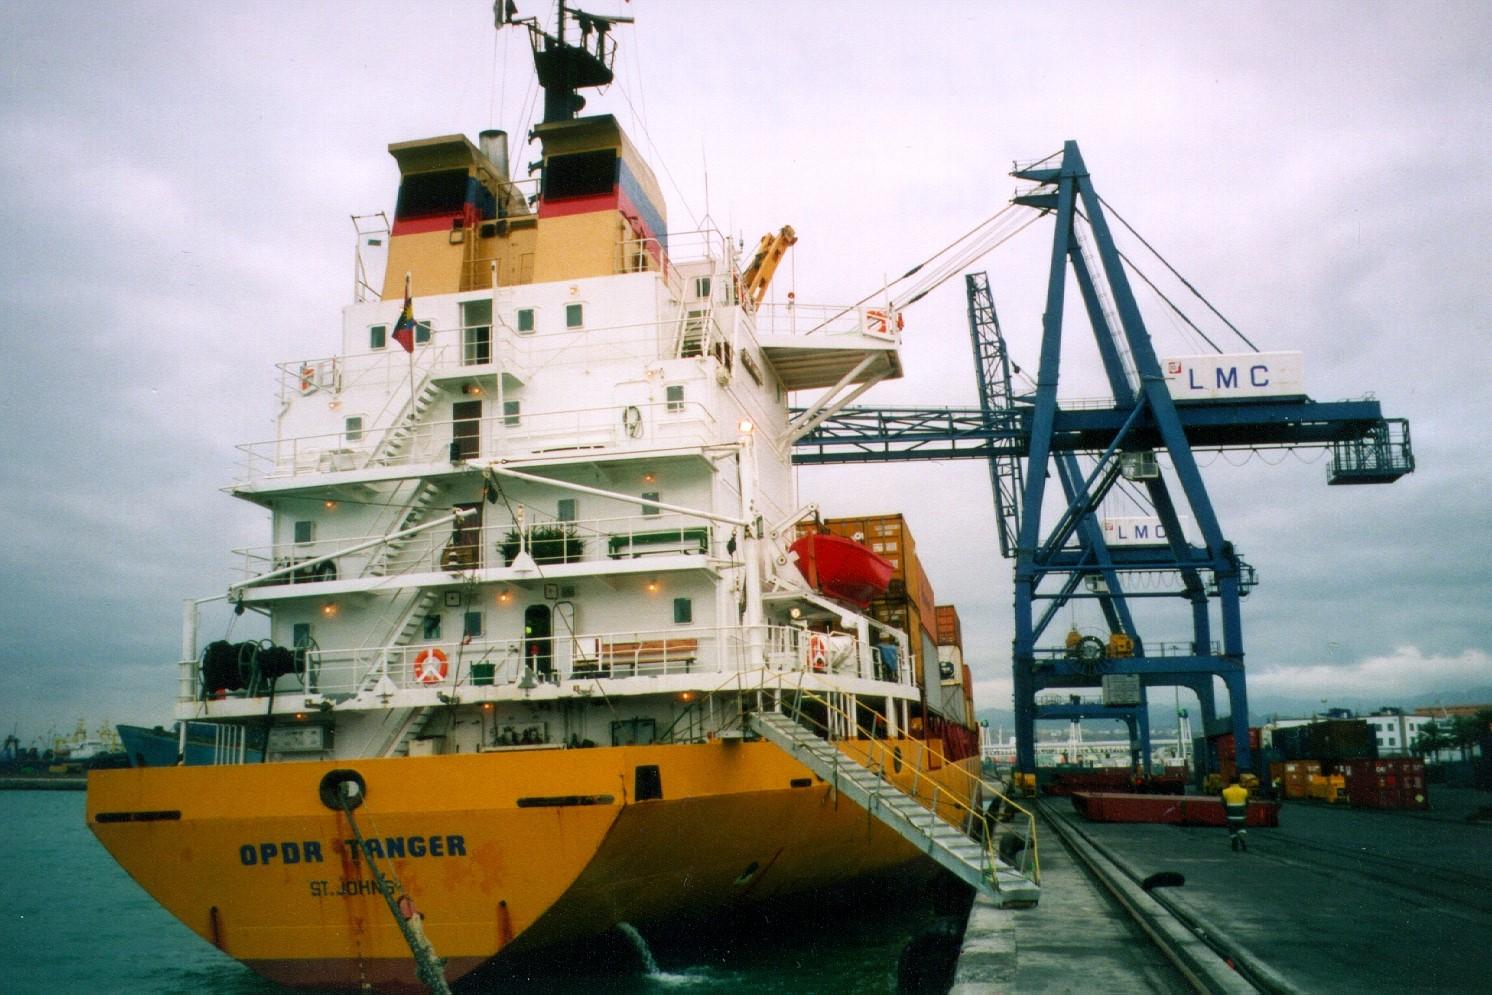 Frachtschiff, mit dem Containerschiff sind wir von Hamburg zu den Kanaren gefahren